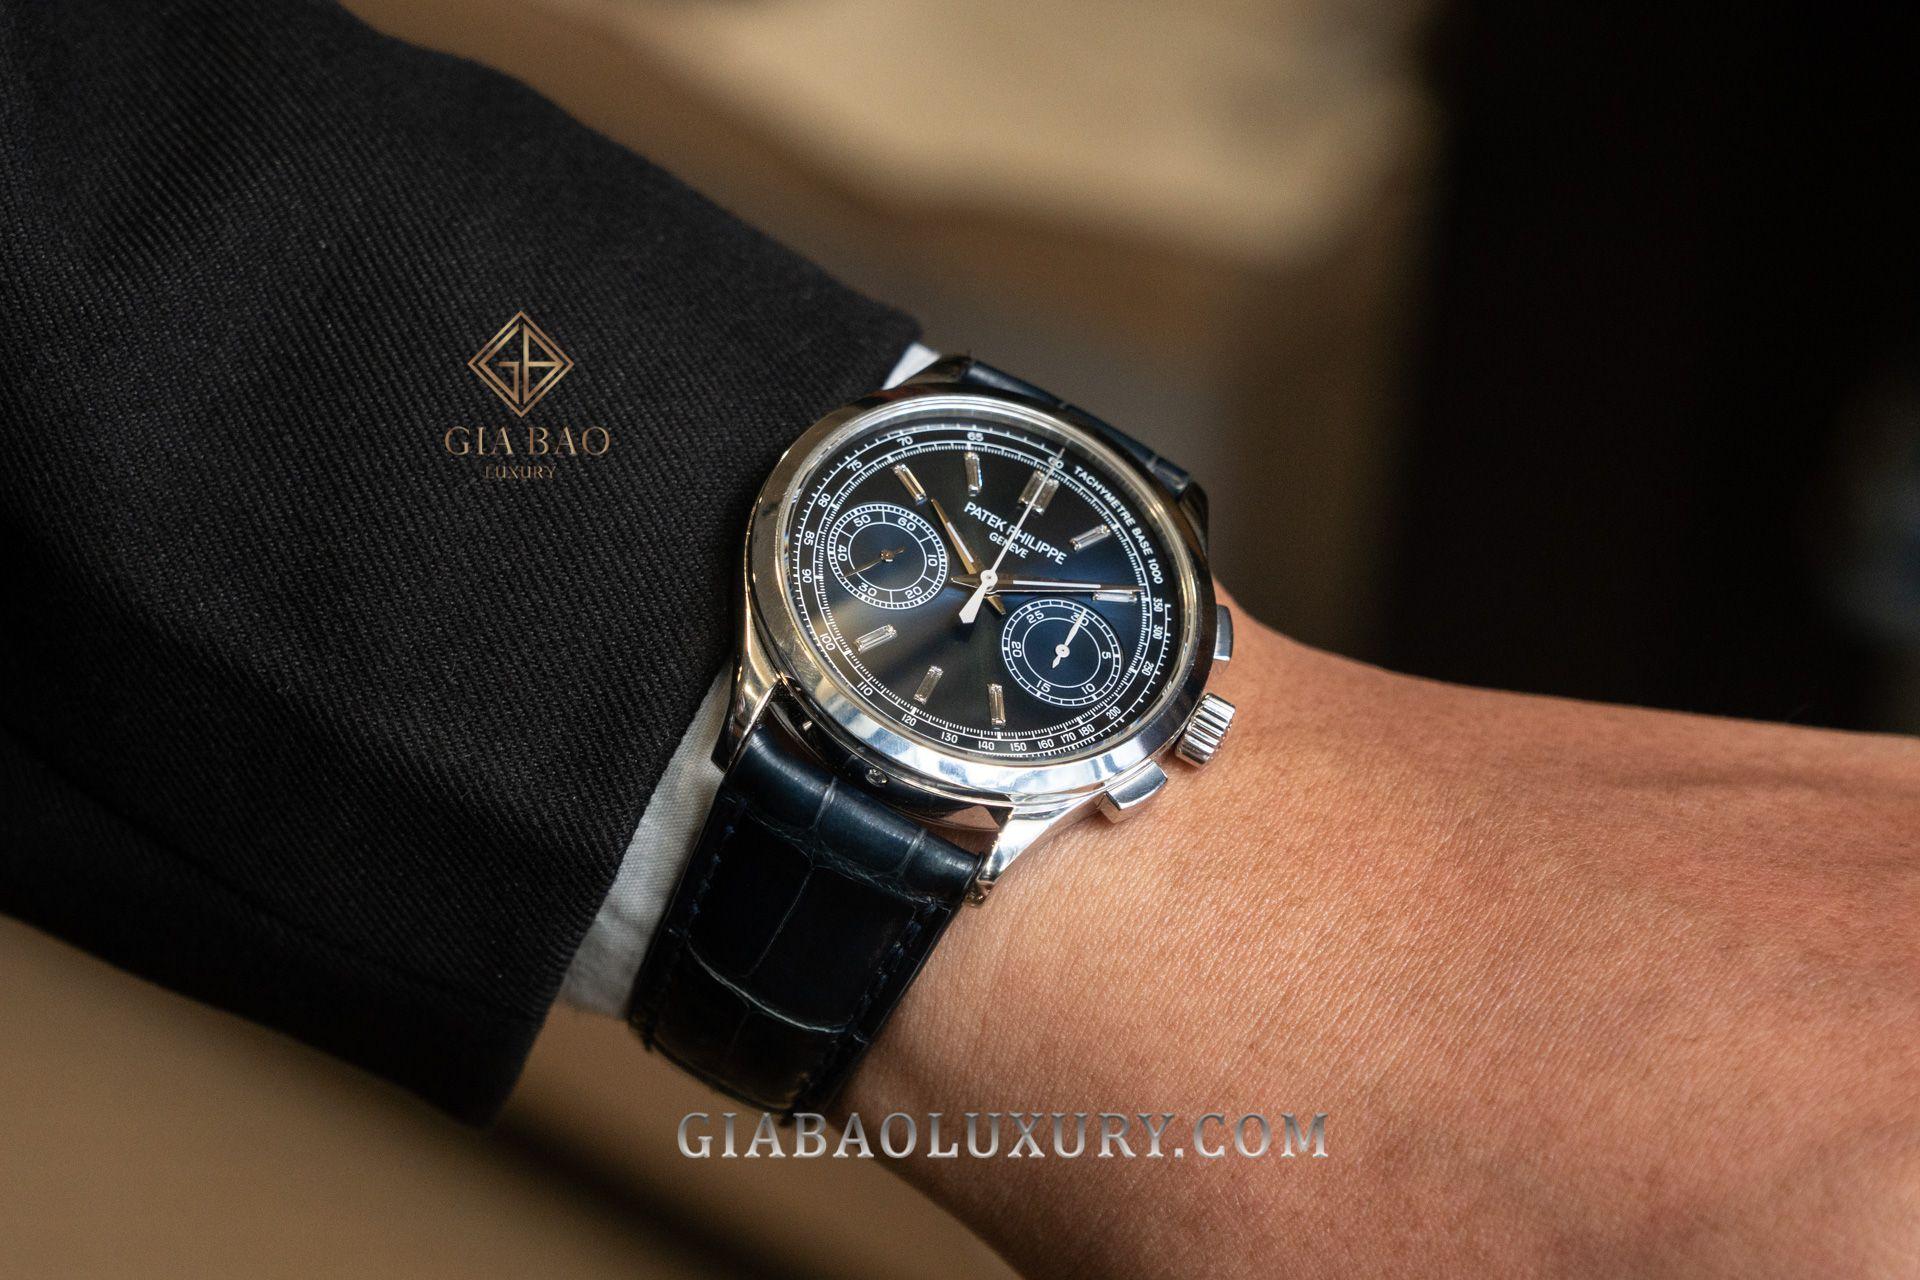 Đồng hồ chính hãng của các thương hiệu nổi tiếng thường có thiết kế rất thời trang và thực sự thu hút, đáp ứng thị hiếu của đông đảo khách hàng